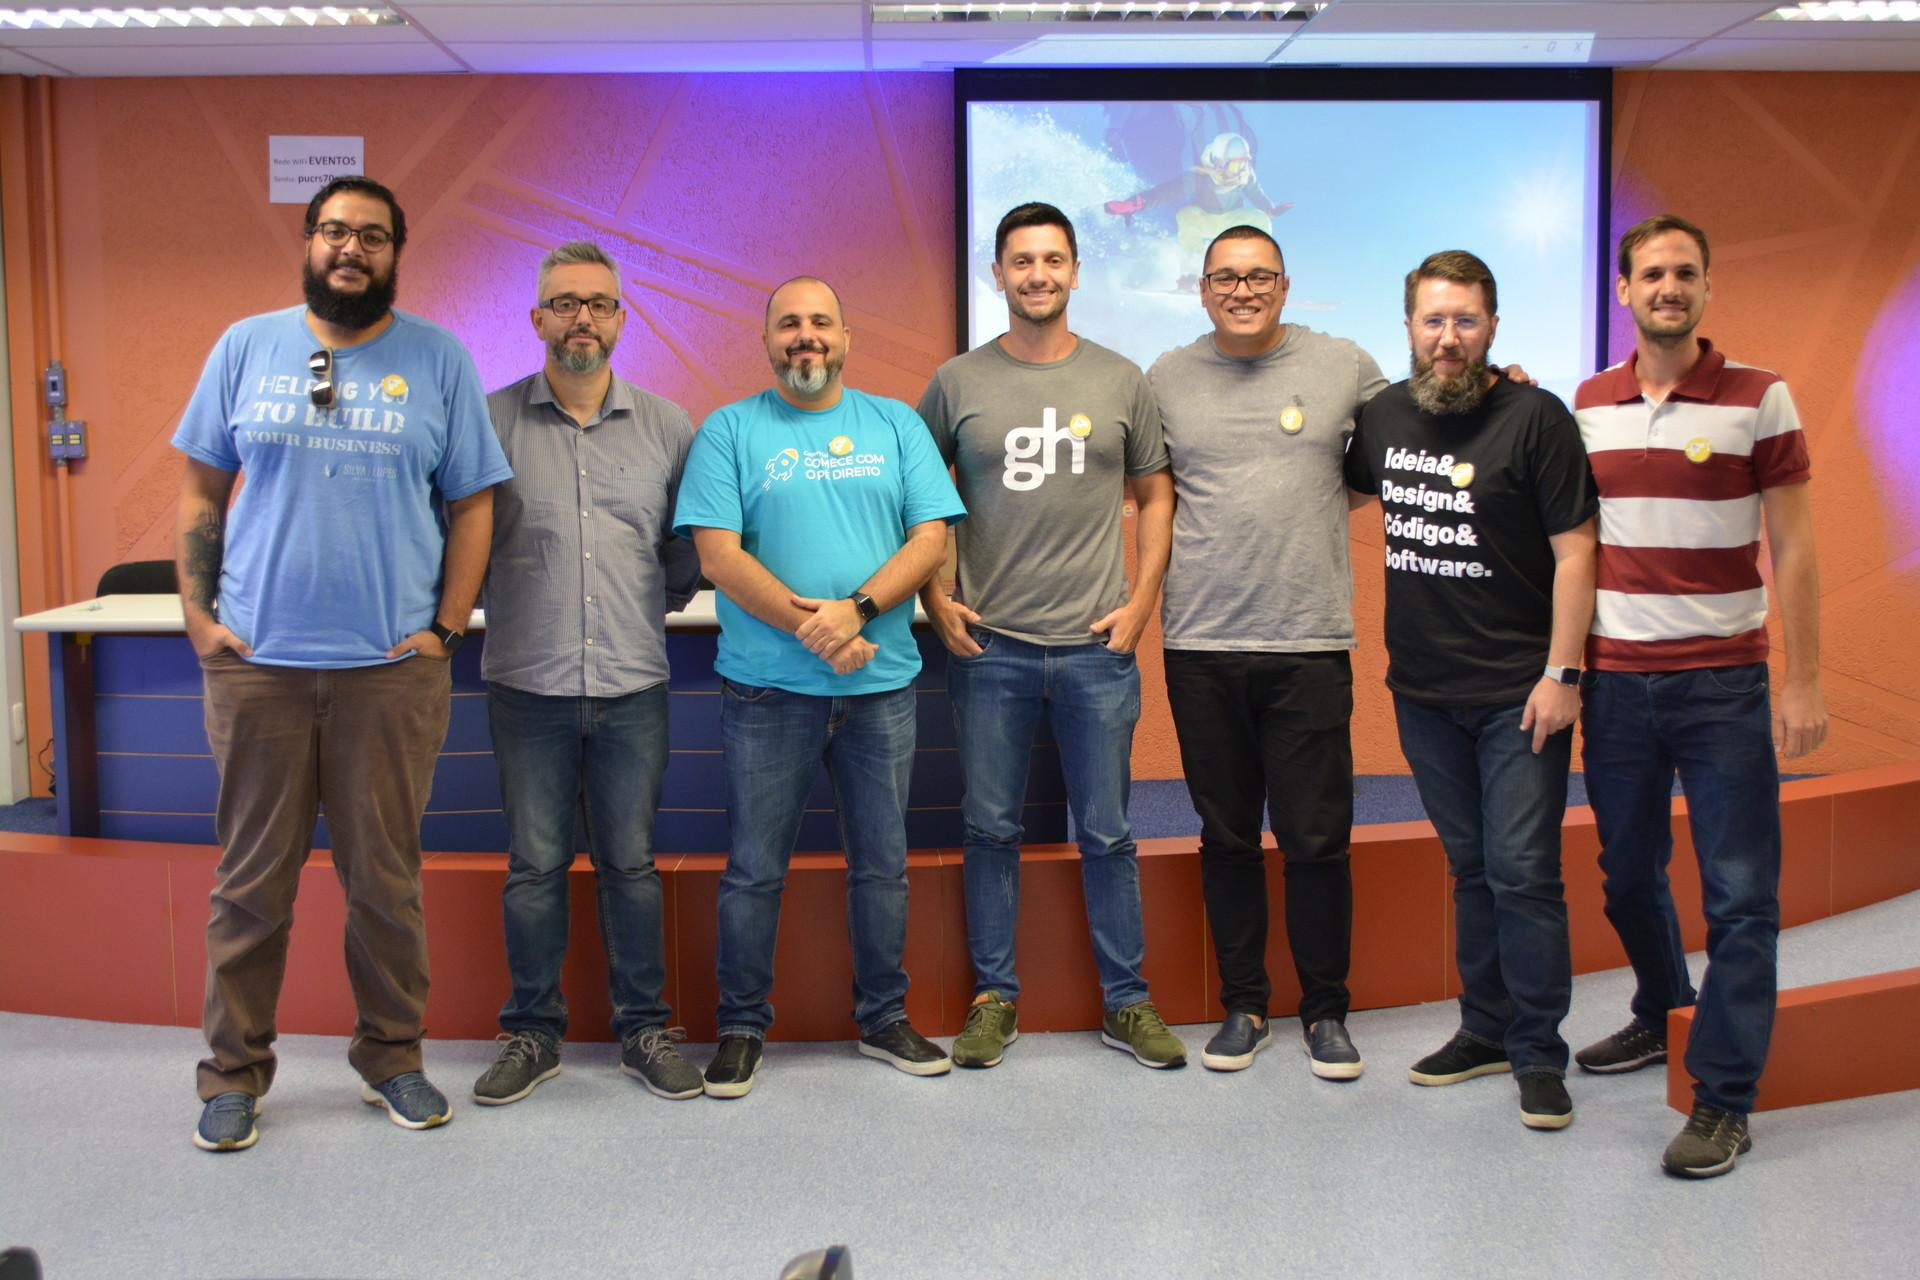 Descomplica: um evento para scale-ups